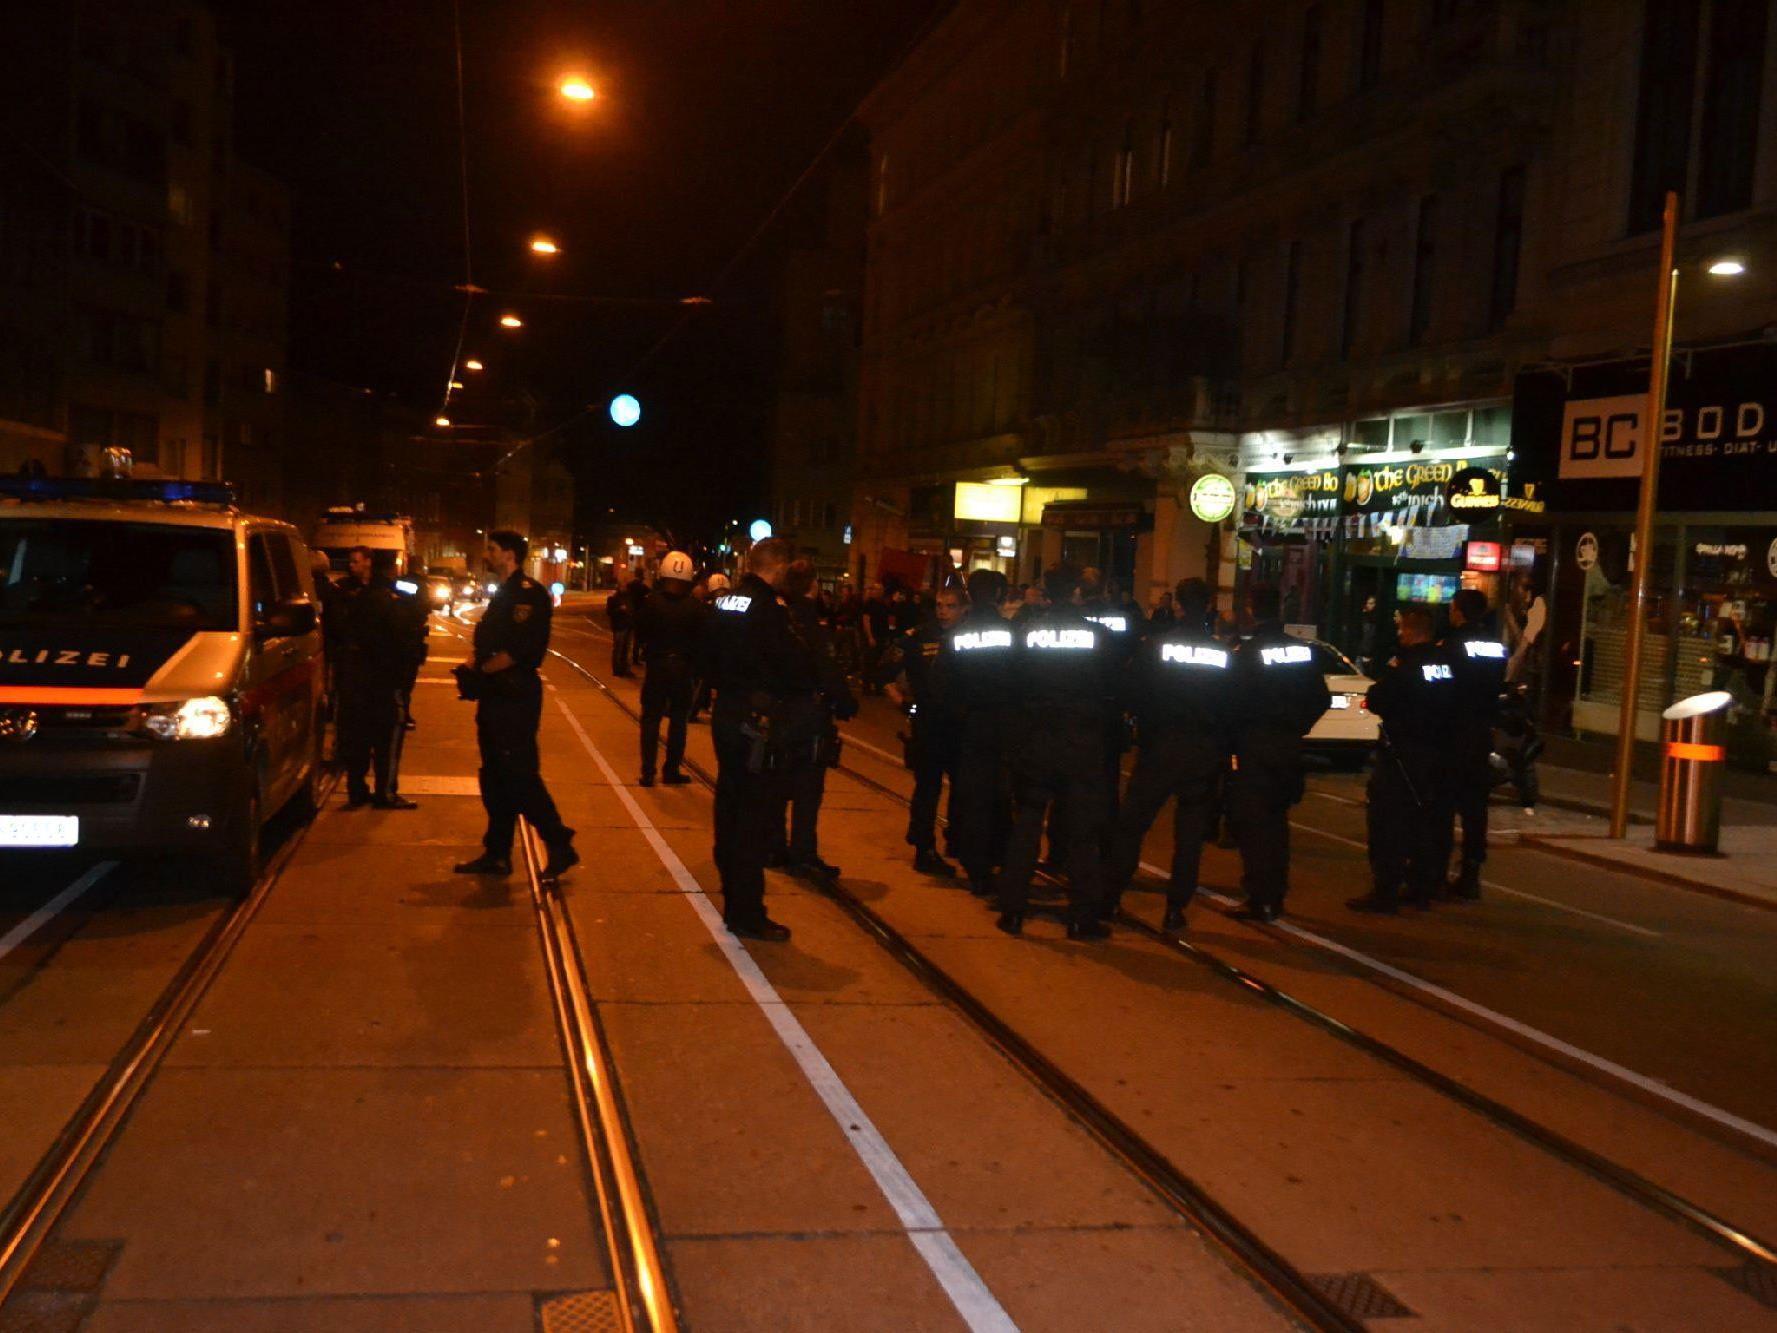 Wien-Ottakring: Polizeigroßeinsatz nach Zusammenstößen in Belgrad